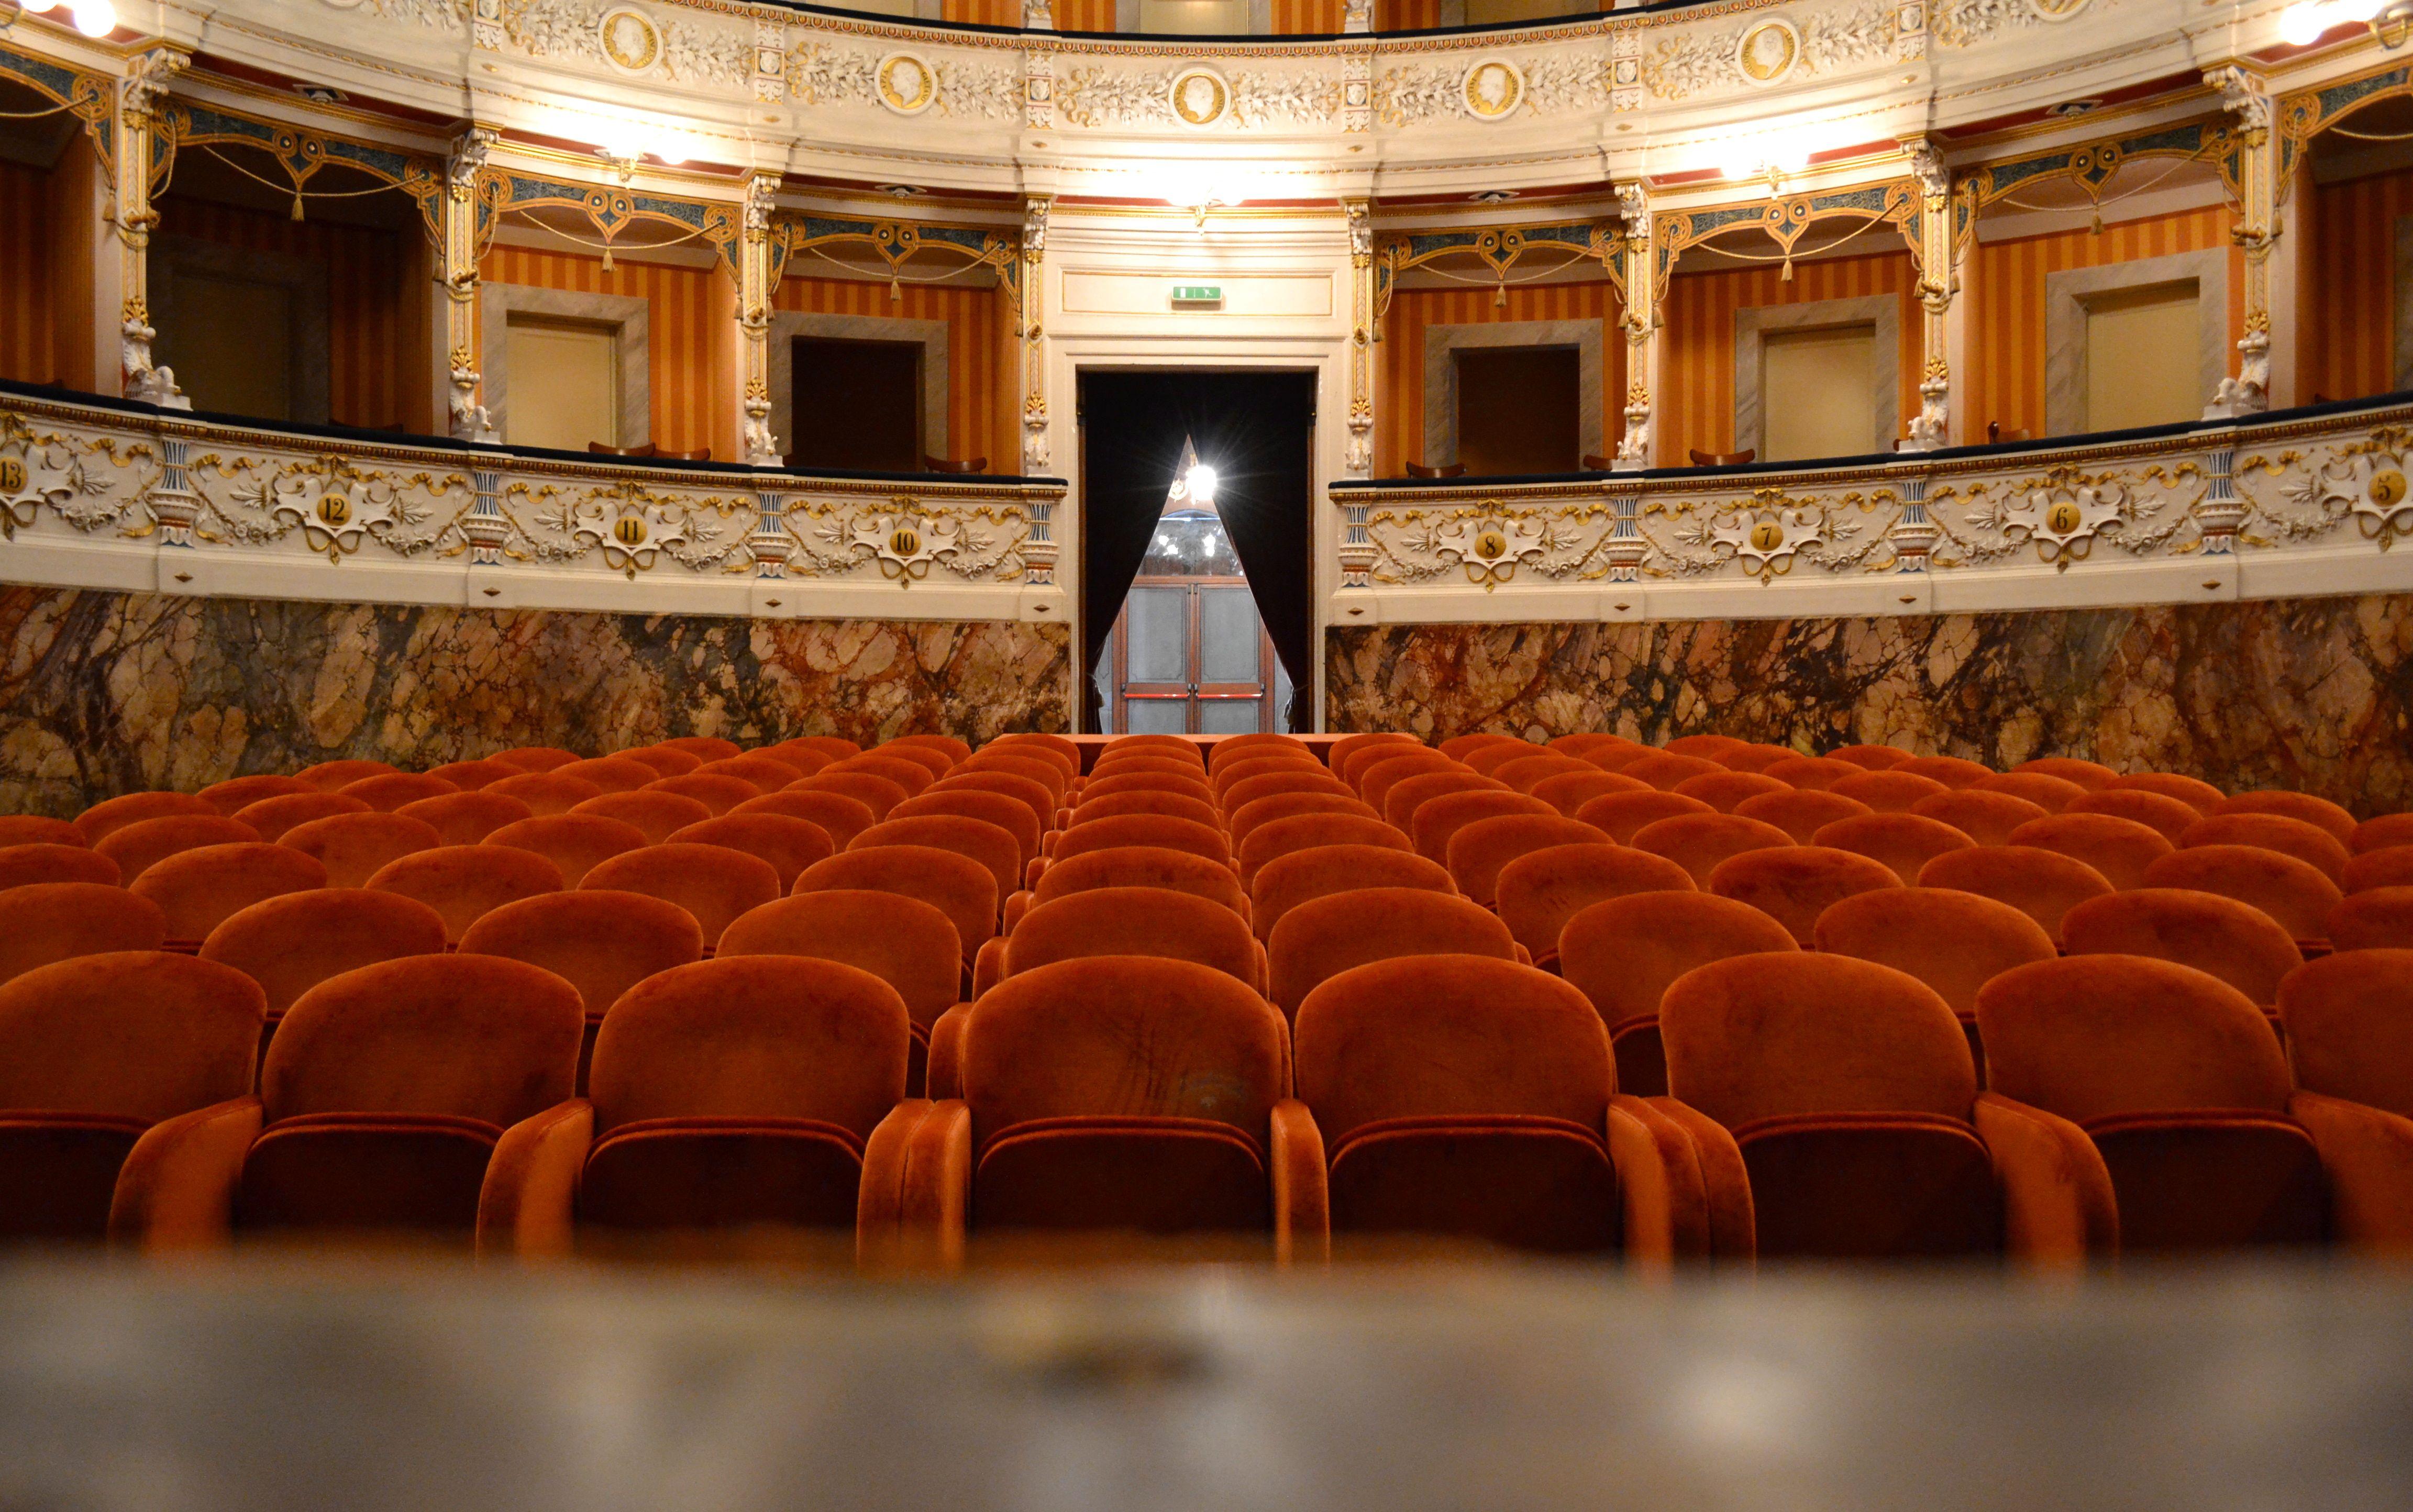 Theater in Cagli, Italy | Museos